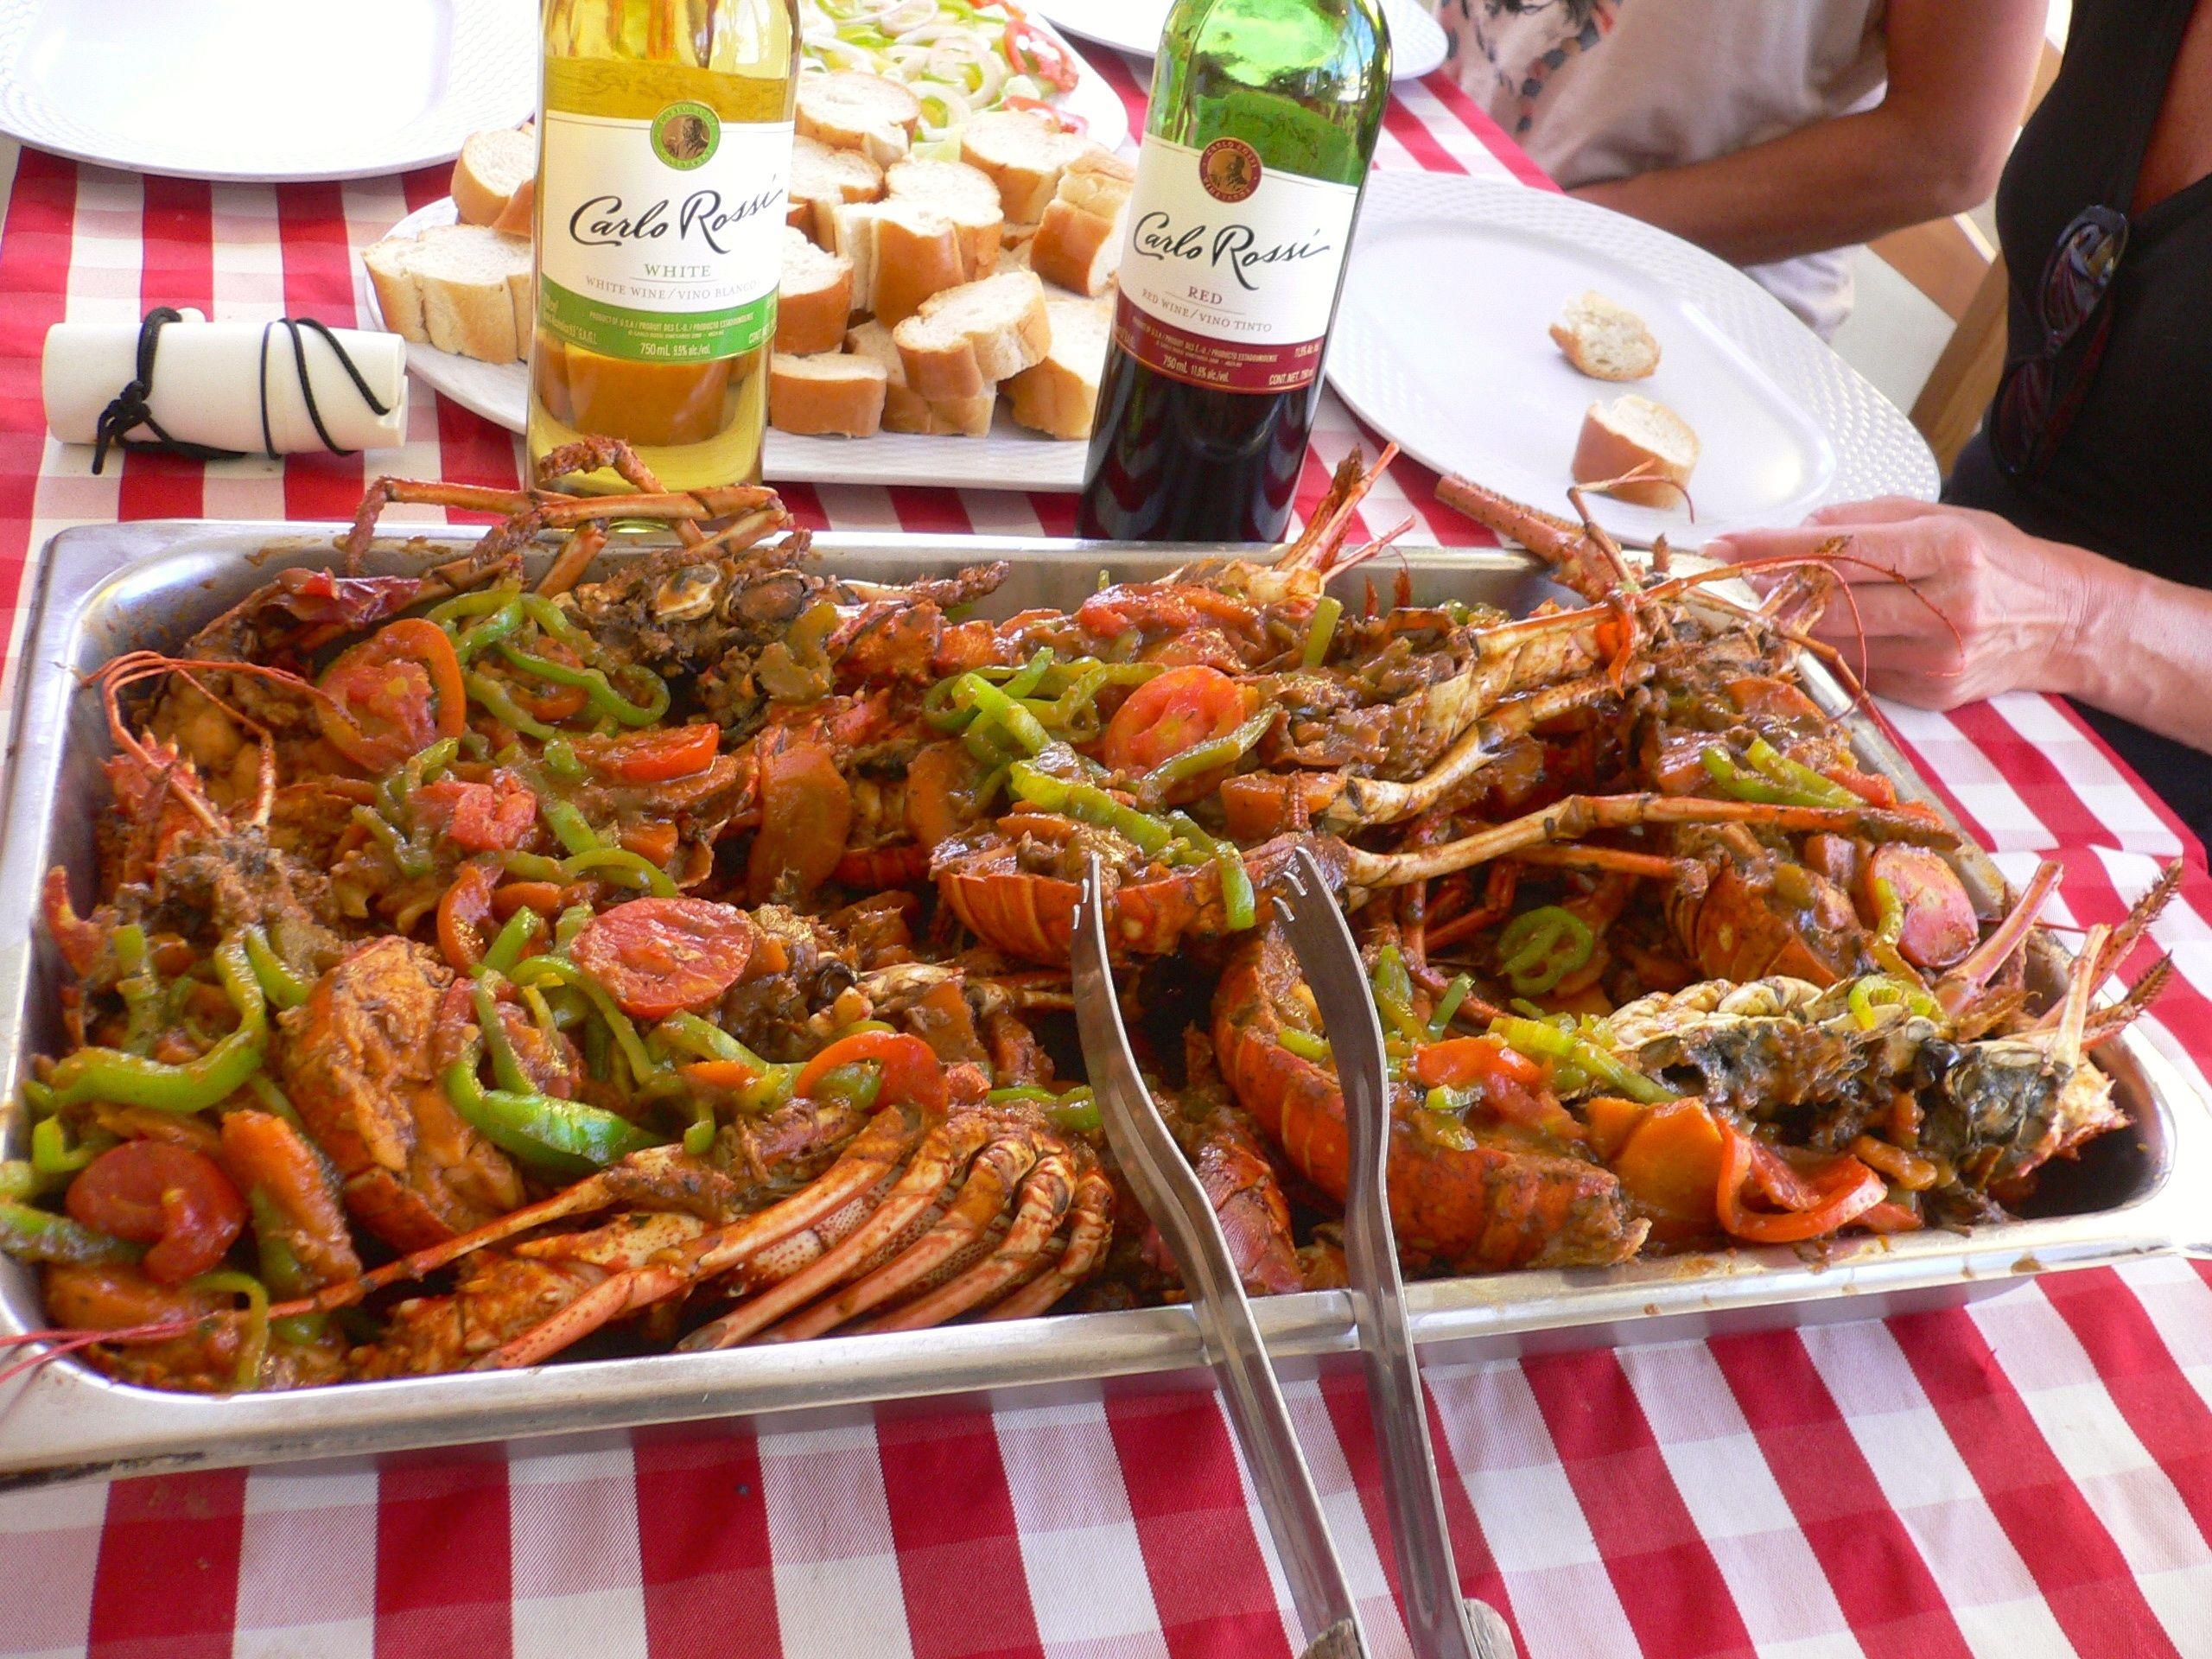 Lobster satt